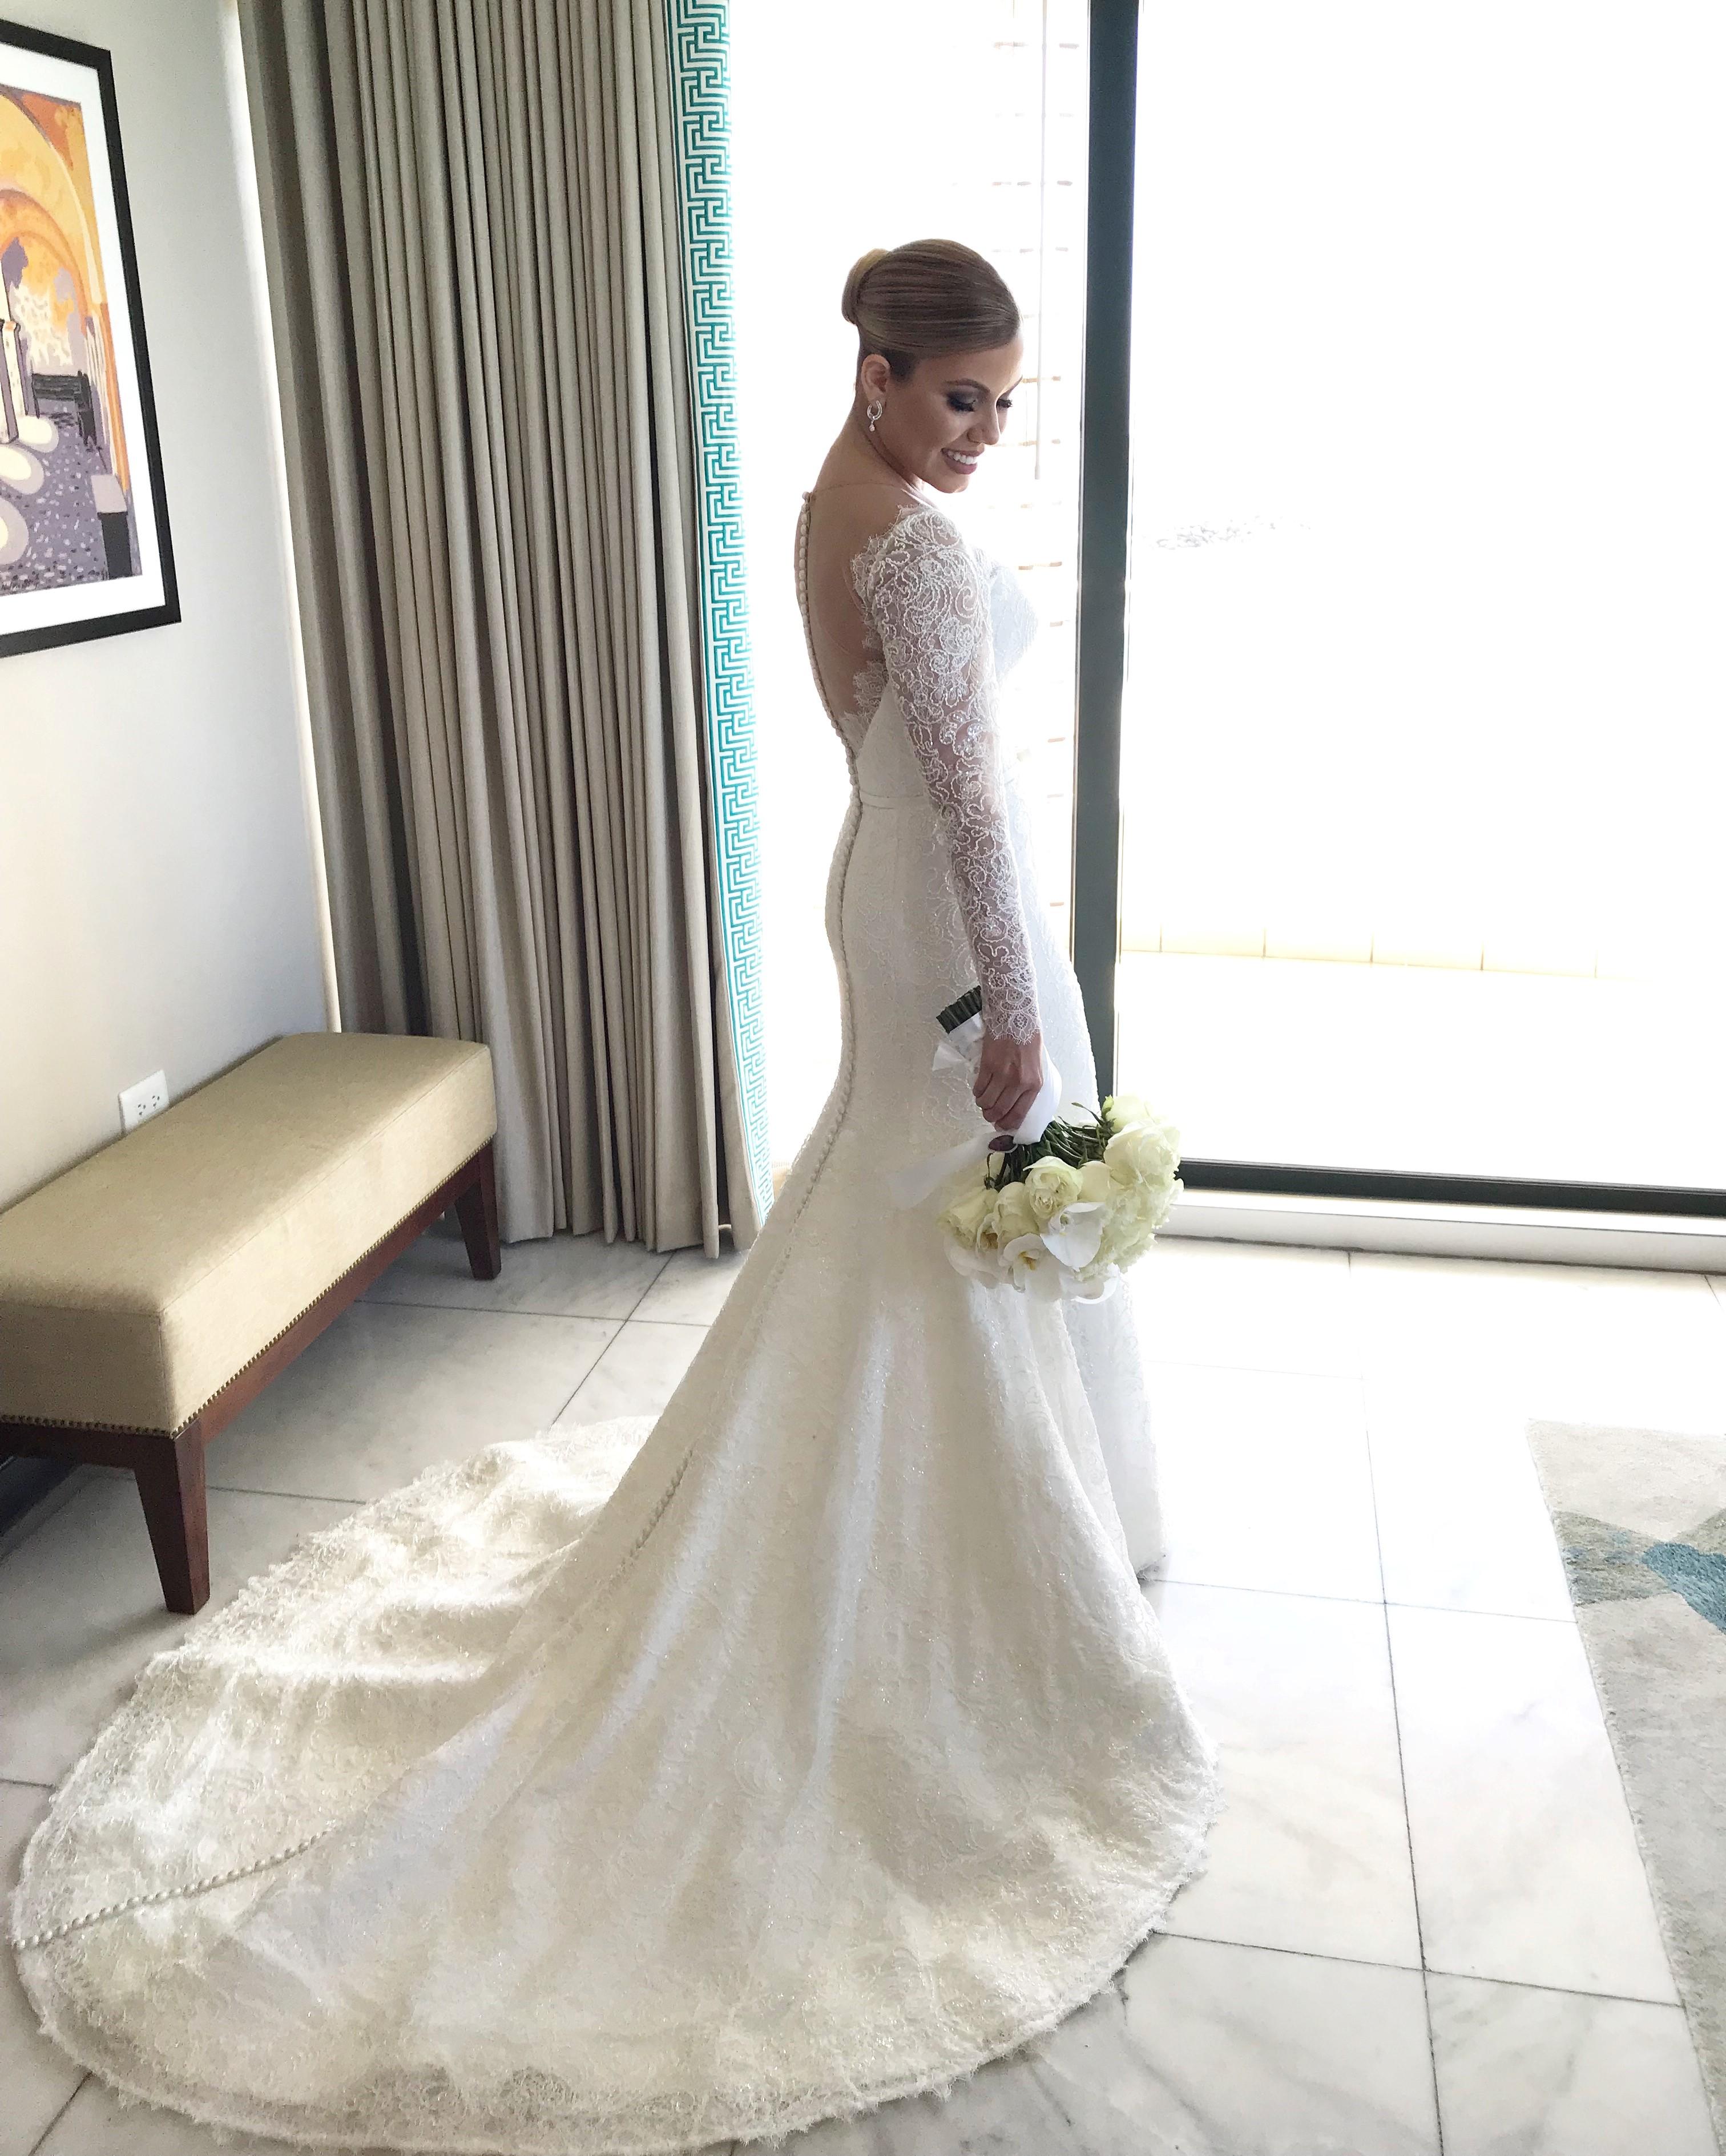 La reportera Sency Mellado seleccionó para su boda un vestido del diseñador Harry Robles. (Foto: Suministrada)